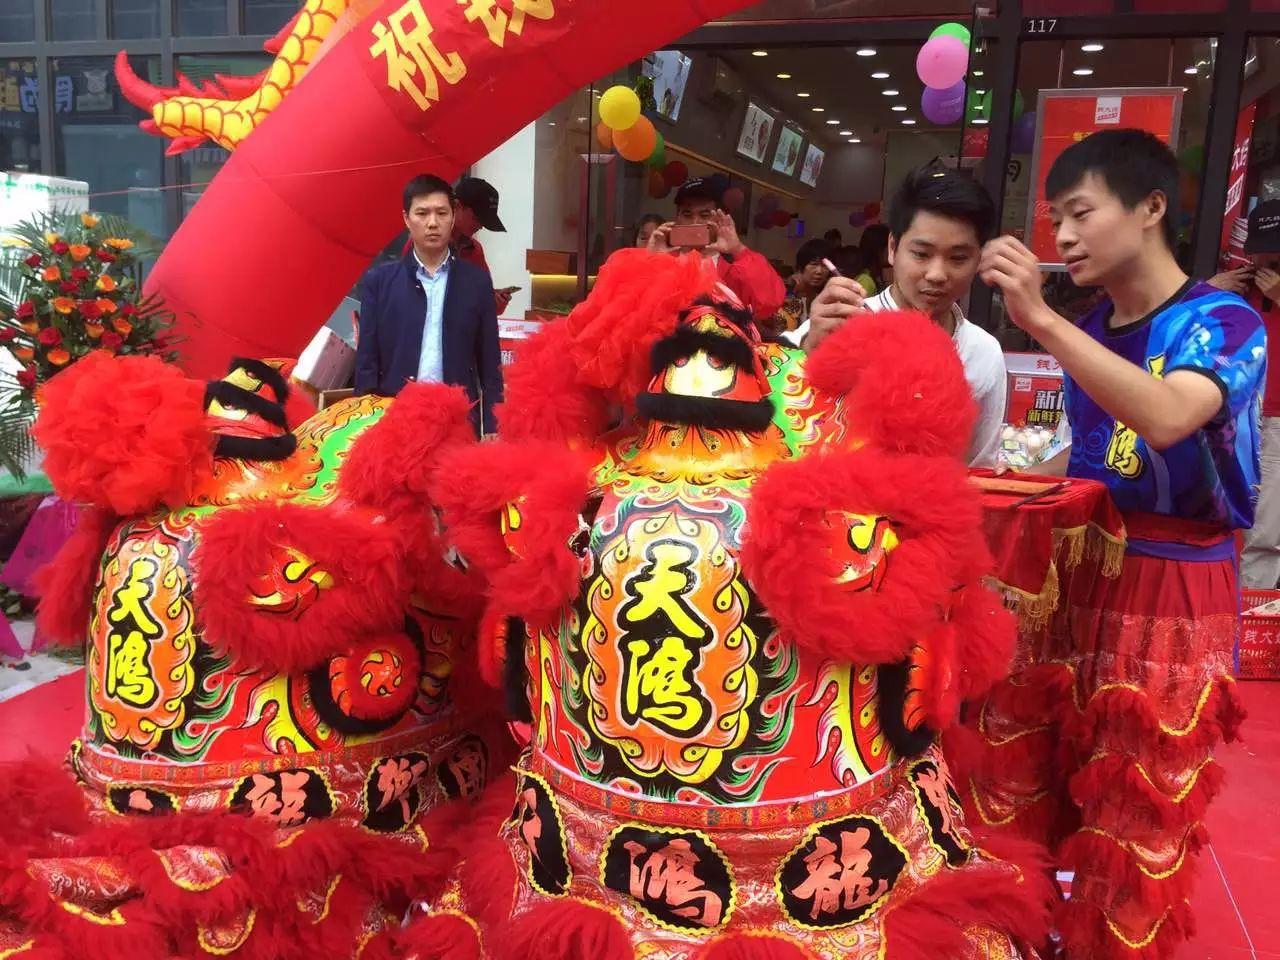 企业动态 热烈庆祝广州钱大妈缤纷四季城店11月2日隆重开业图片